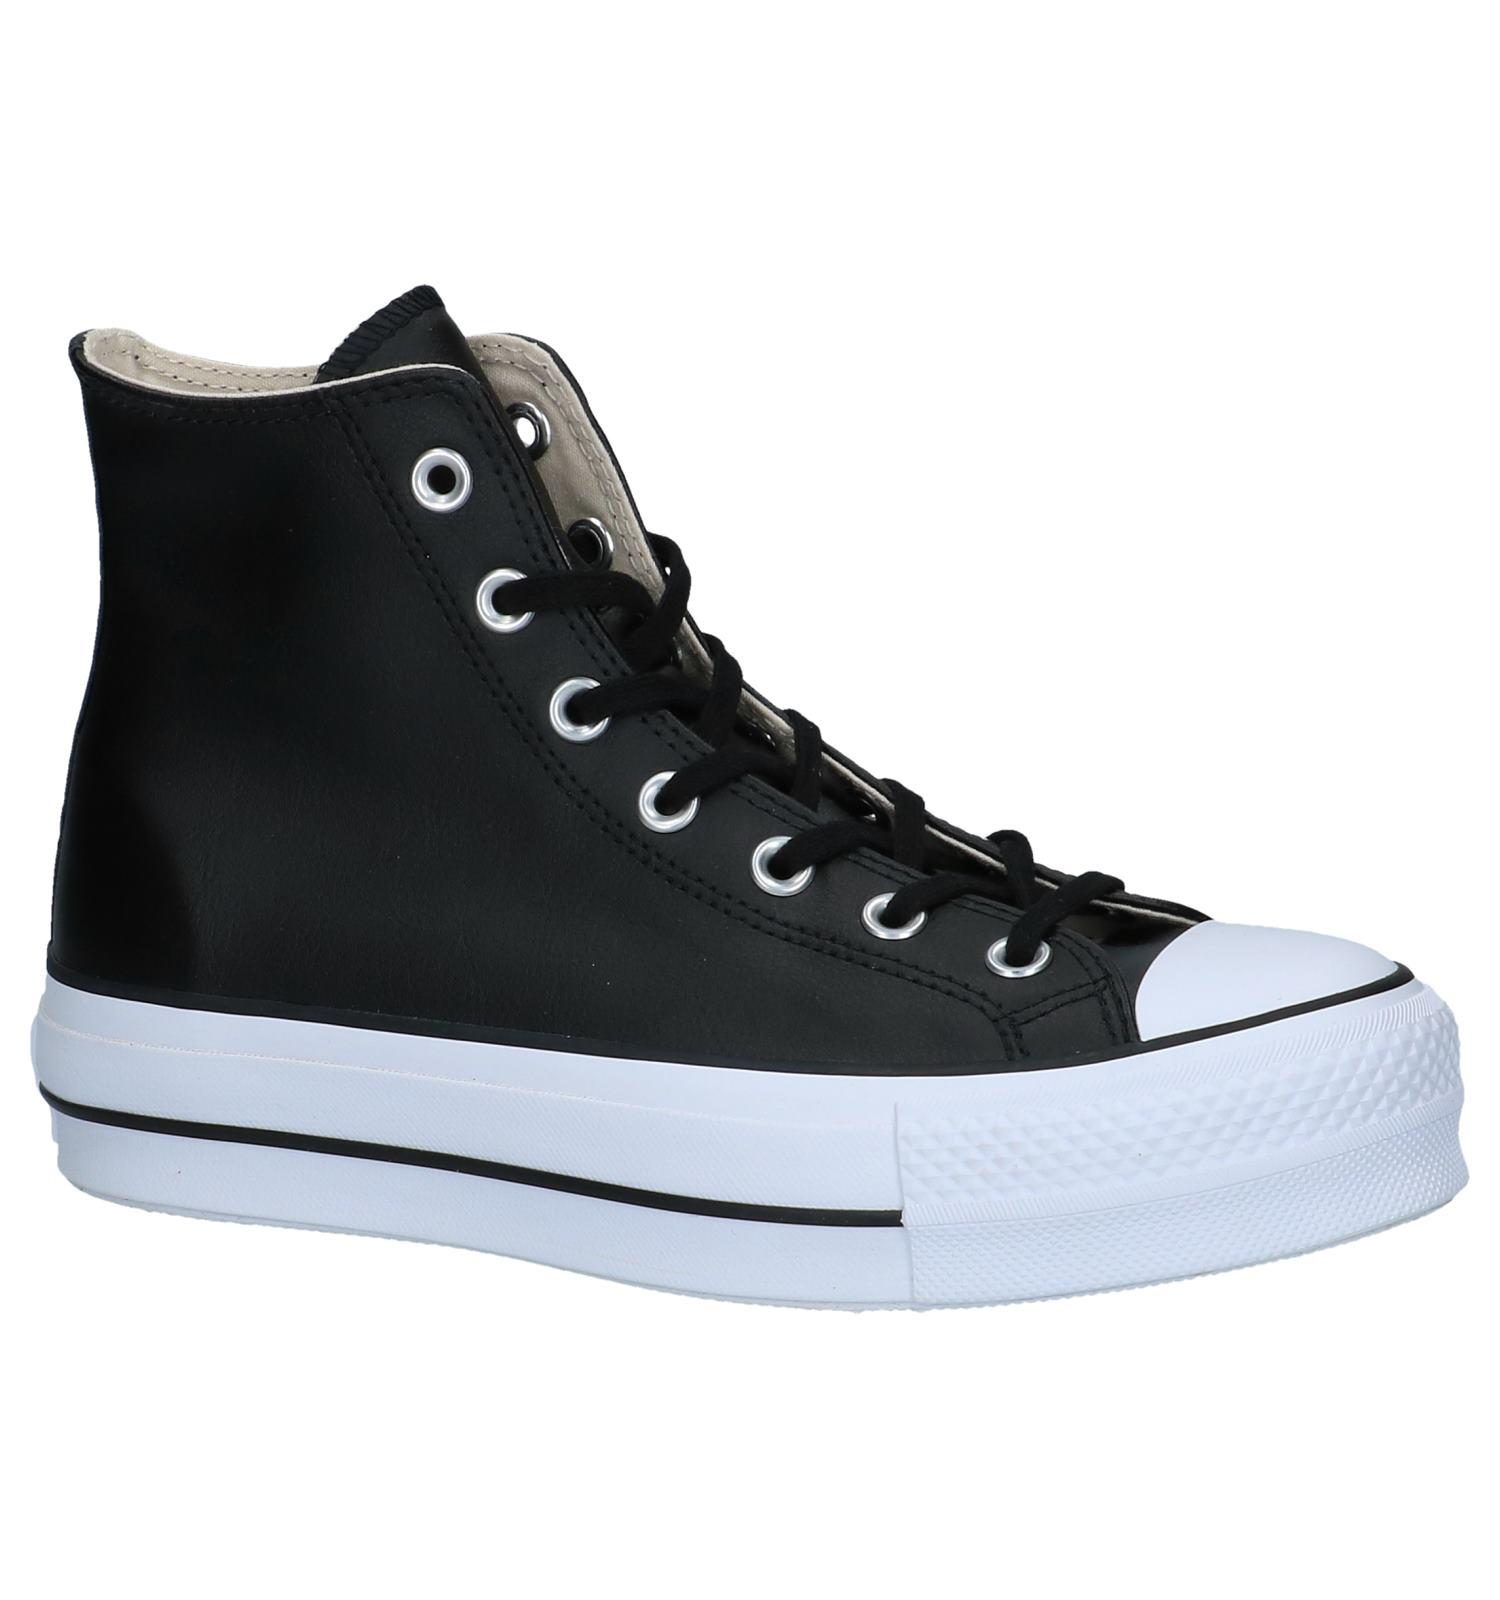 b432bfe595c Converse Chuck Taylor All Star Lift Clean Zwarte Sneakers | TORFS.BE |  Gratis verzend en retour